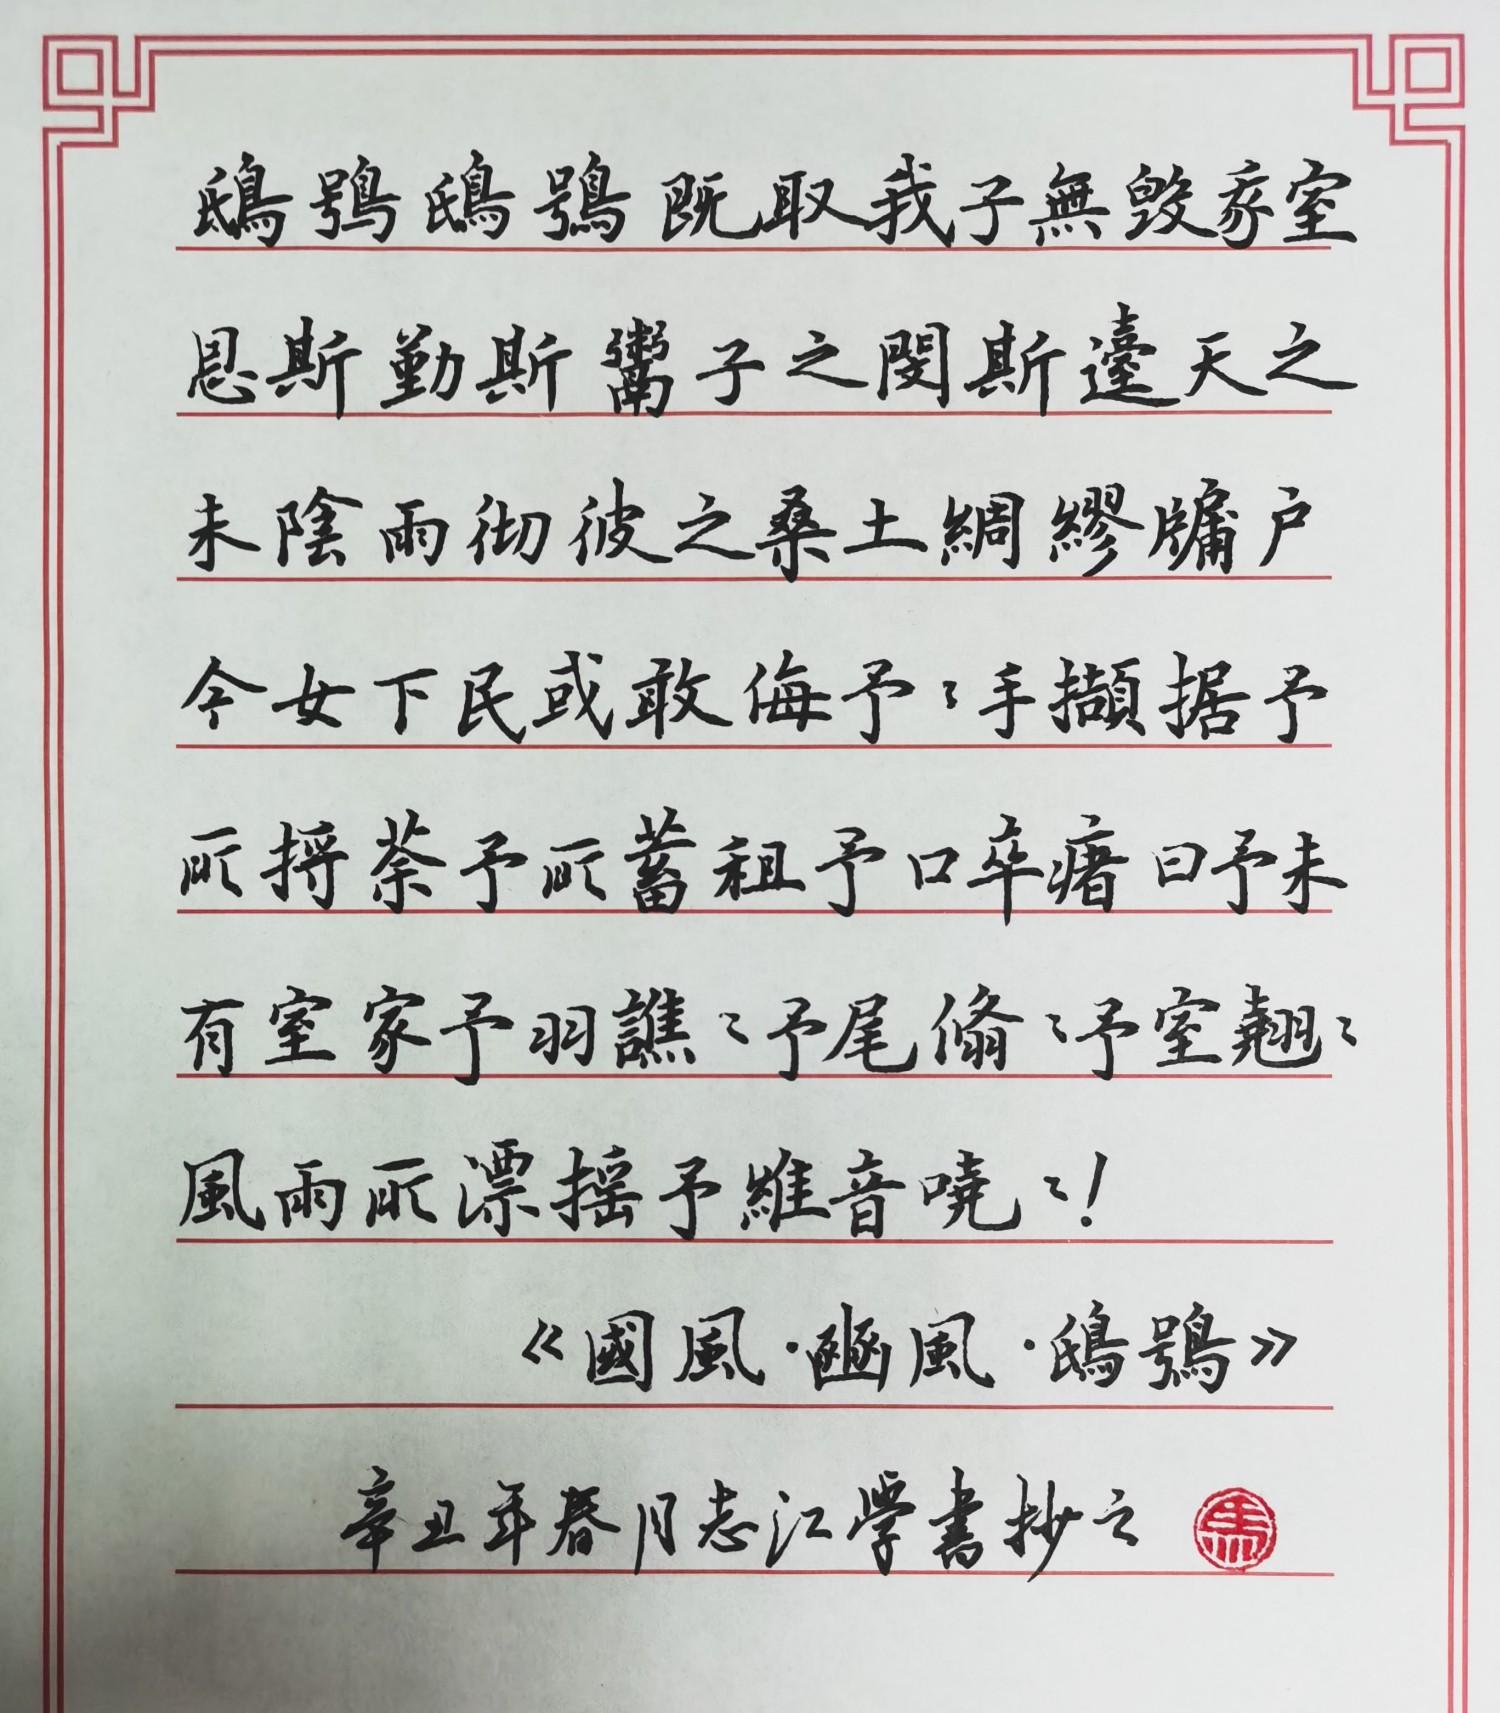 钢笔书法练字打卡20210427-12